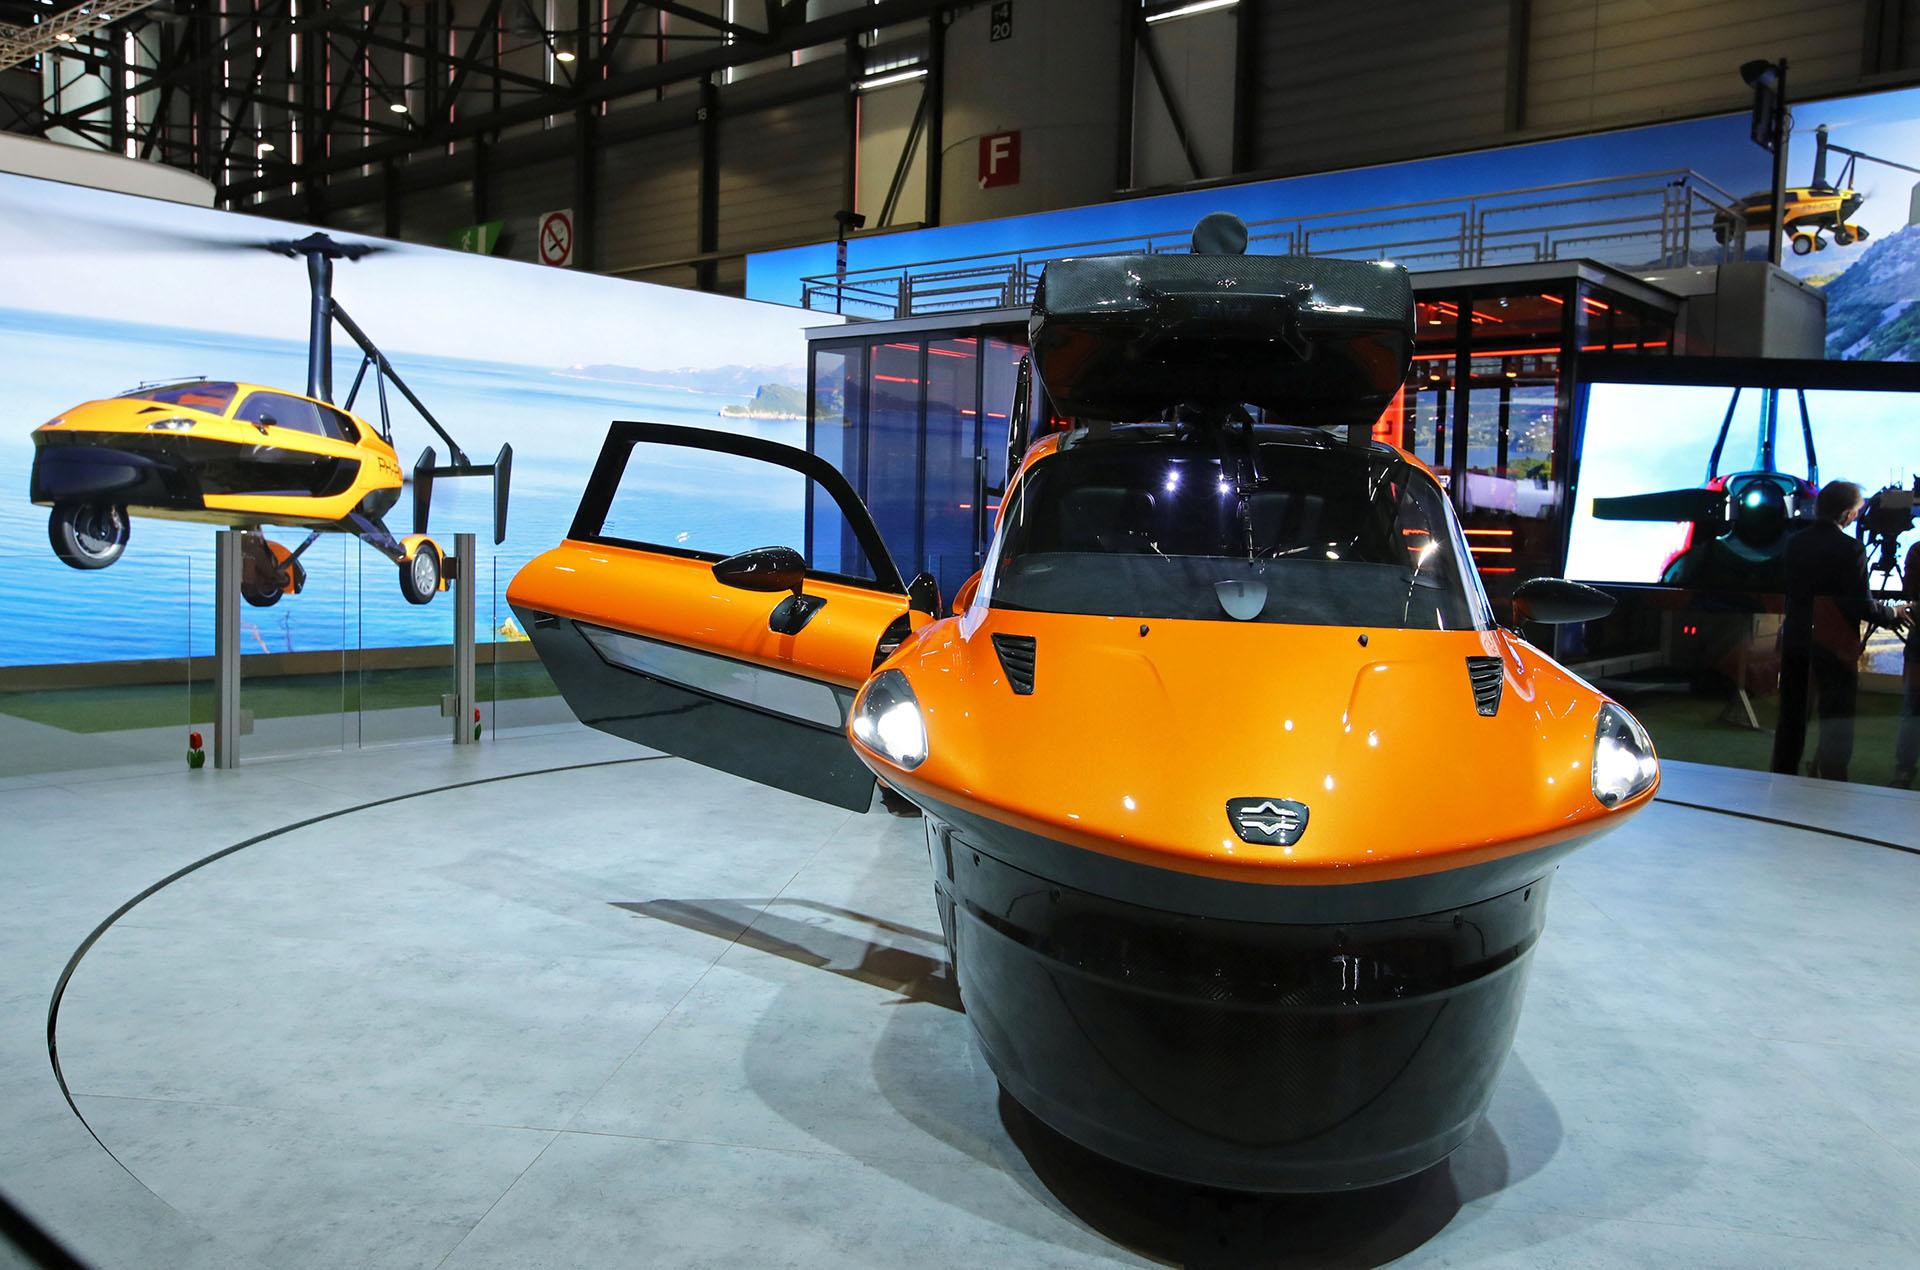 Yase encuentra a la venta con un costo de 300.000 euros, y su producción se hace a pedido.Necesita 180 metros para despegar, y 30 metros para aterrizar